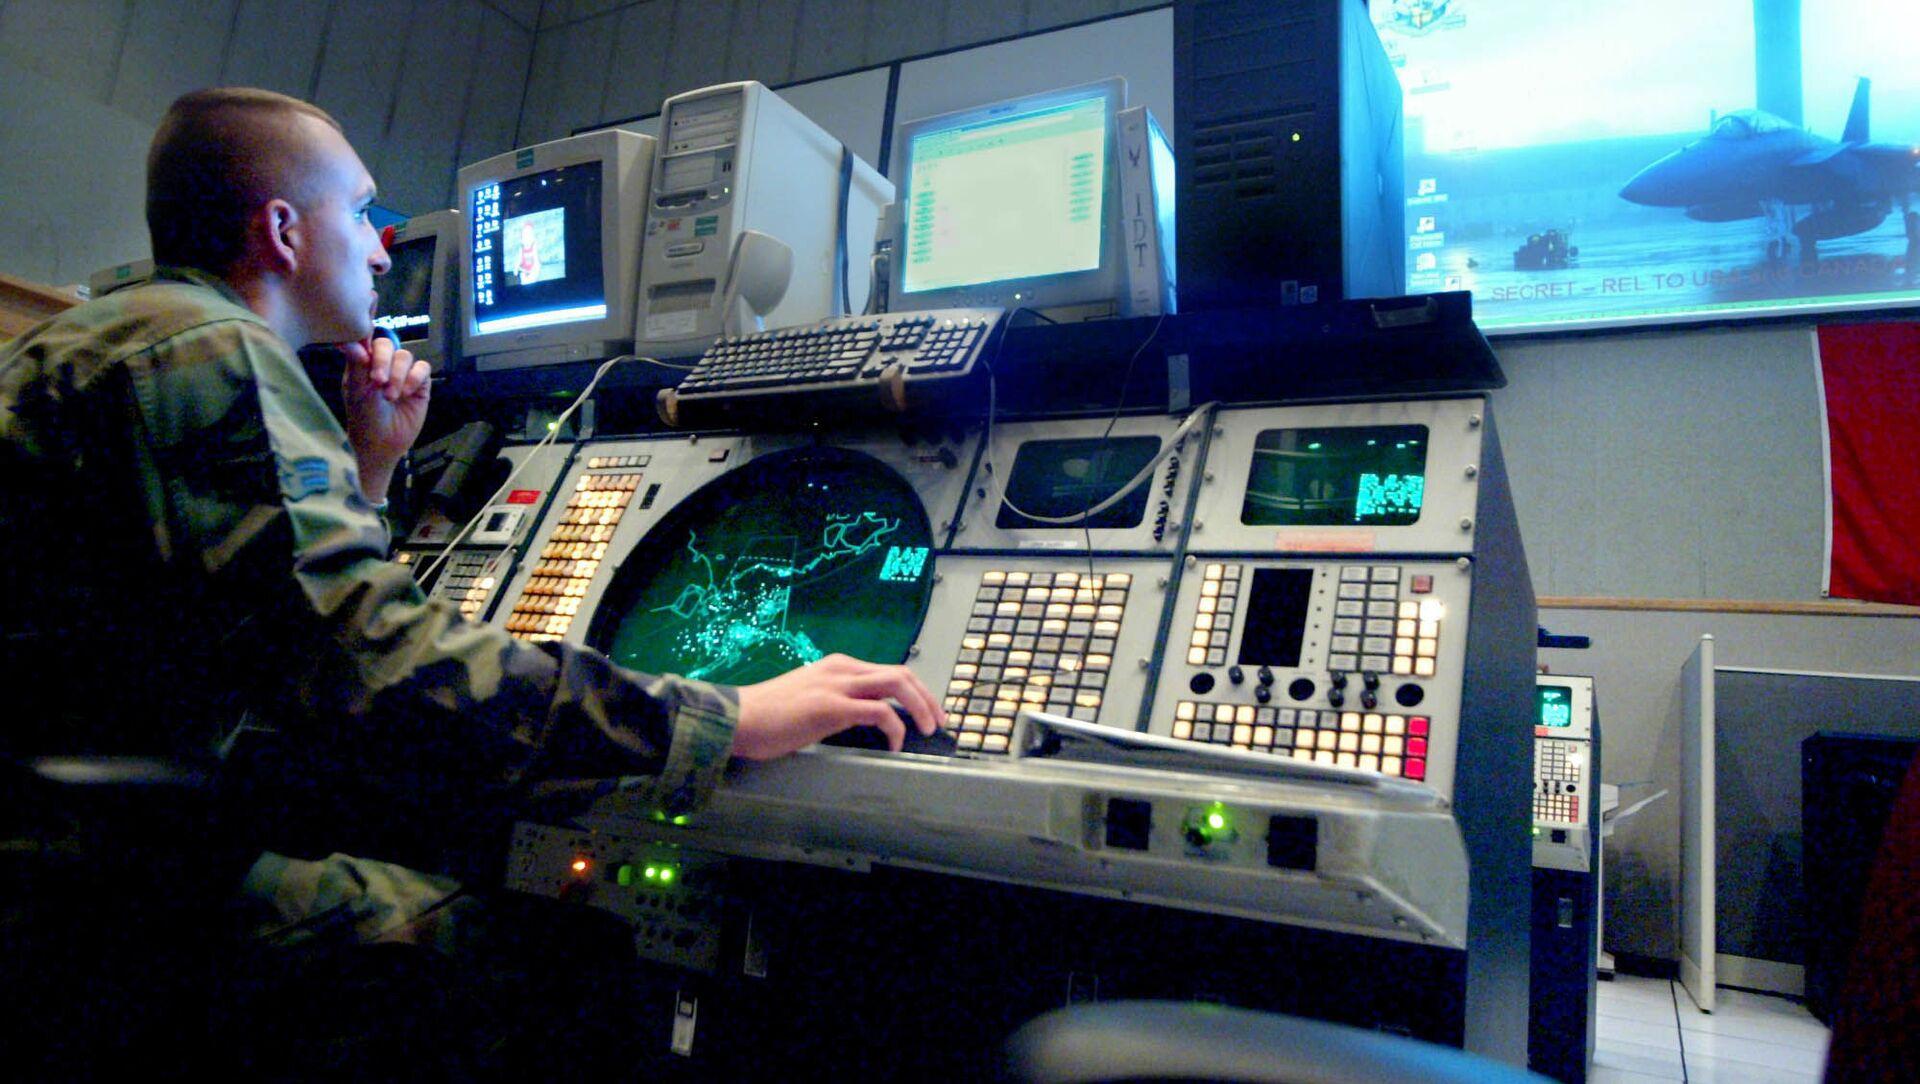 Bộ Tư lệnh hỗn hợp hàng không vũ trụ Bắc Mỹ (NORAD) ở Alaska - Sputnik Việt Nam, 1920, 16.06.2021